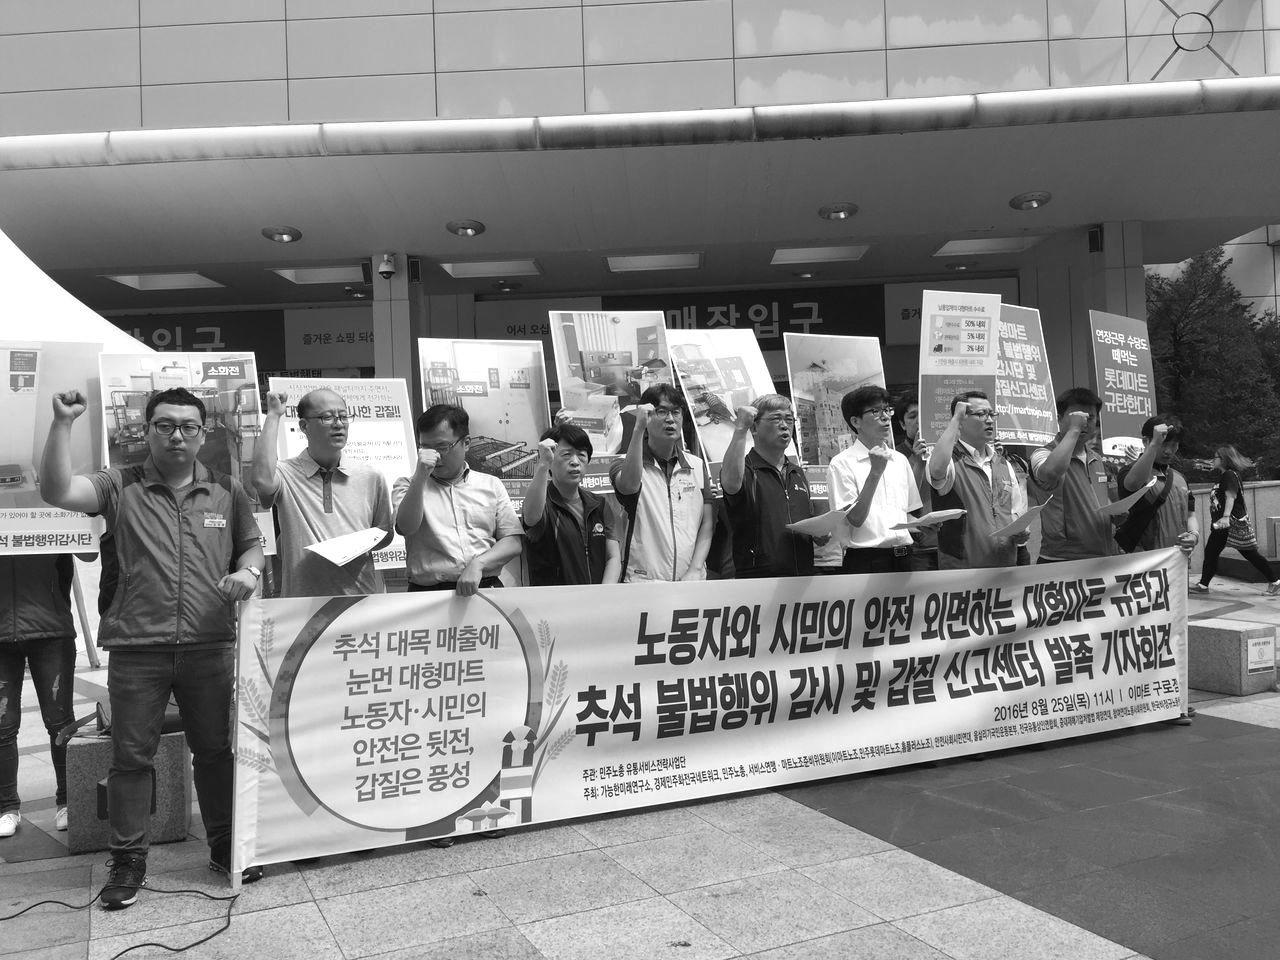 2016.8 추석 불법감시단 발족 기자회견